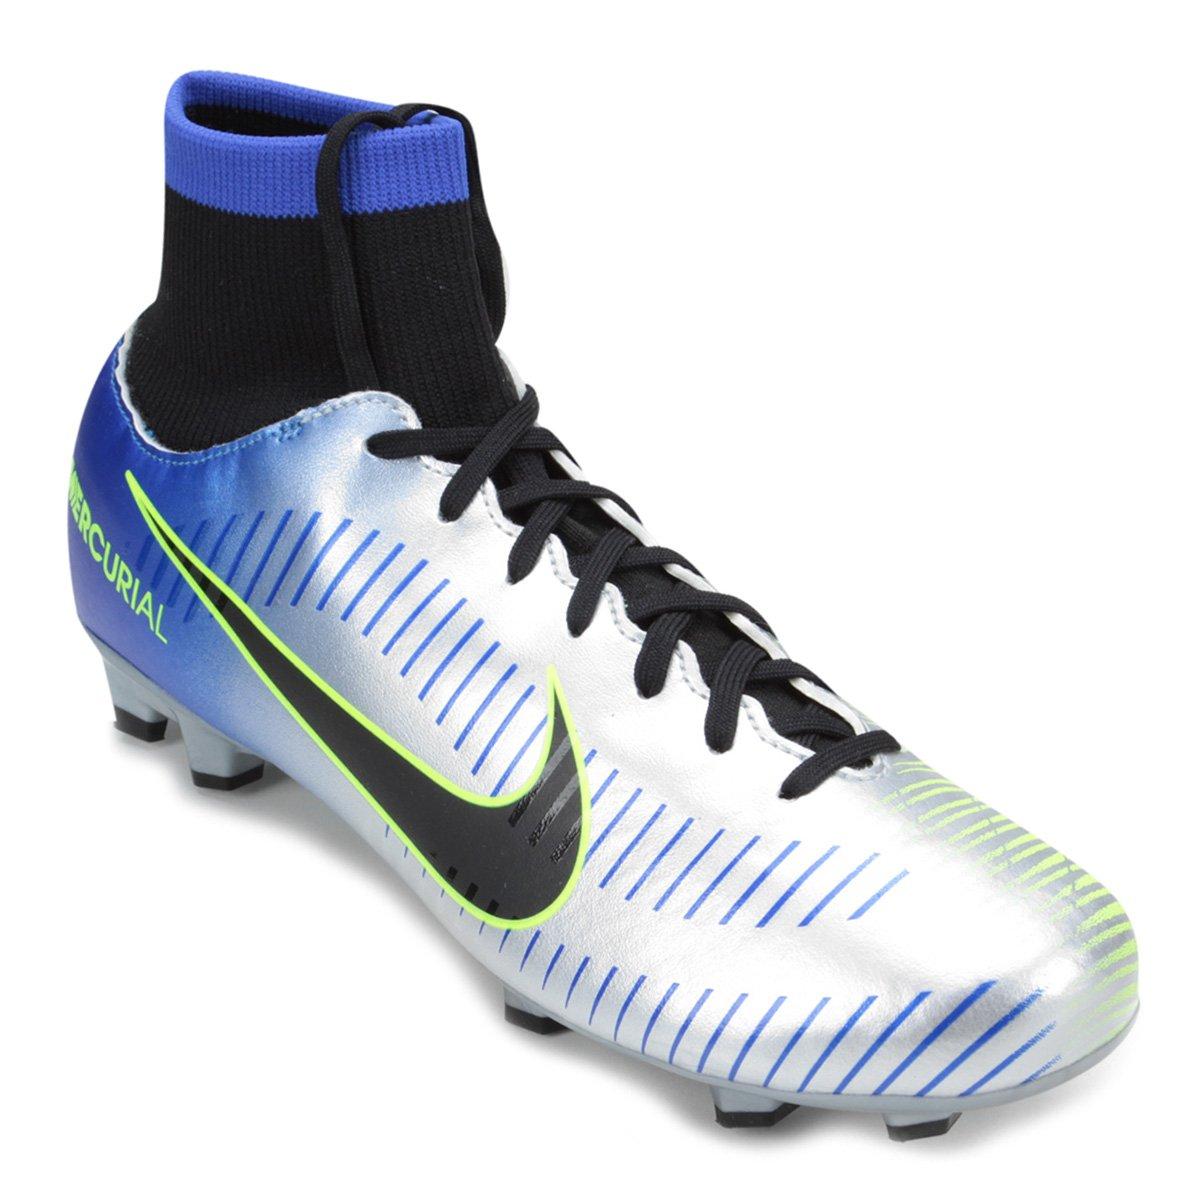 promo code d65ce 9d9c7 Chuteira Campo Nike Mercurial Victory 6 DF Neymar Jr FG - Azul e Preto